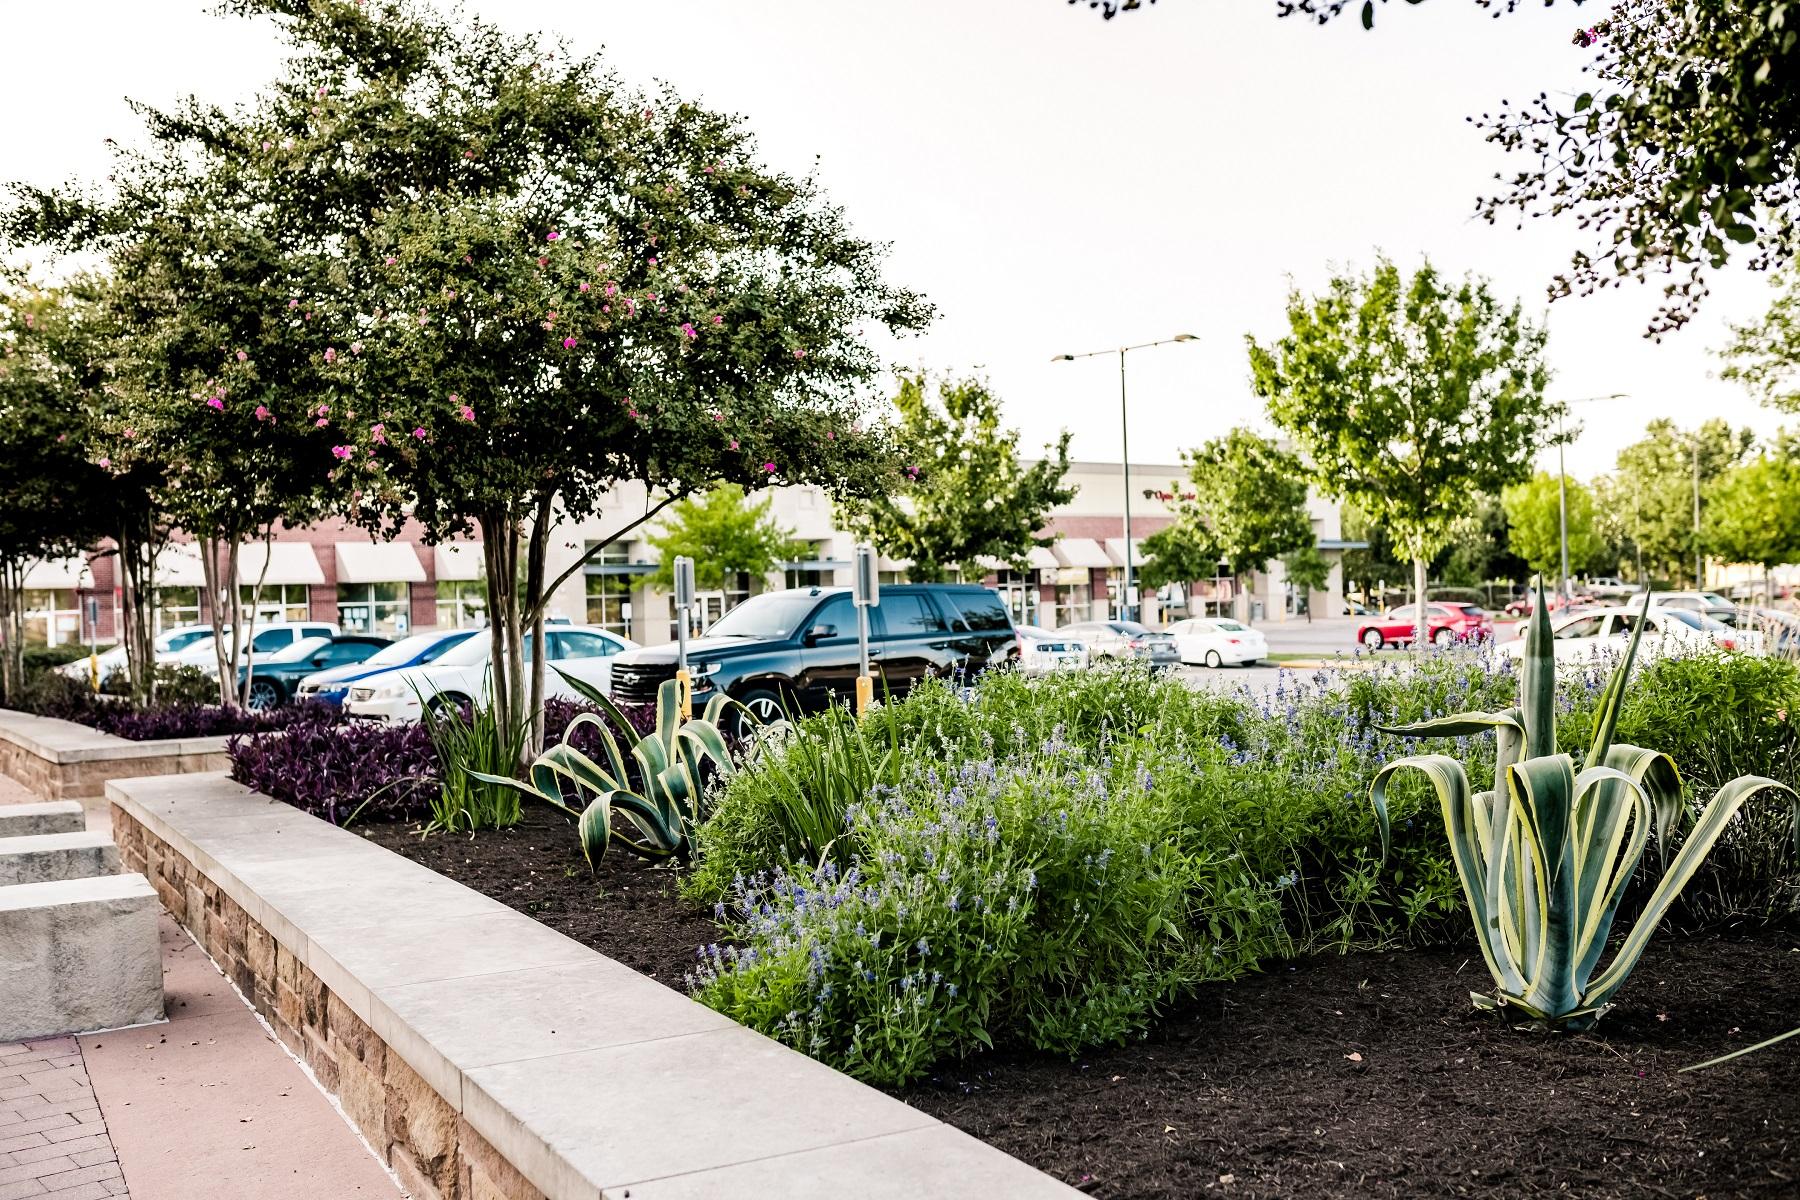 Landscape enhancements at retail center